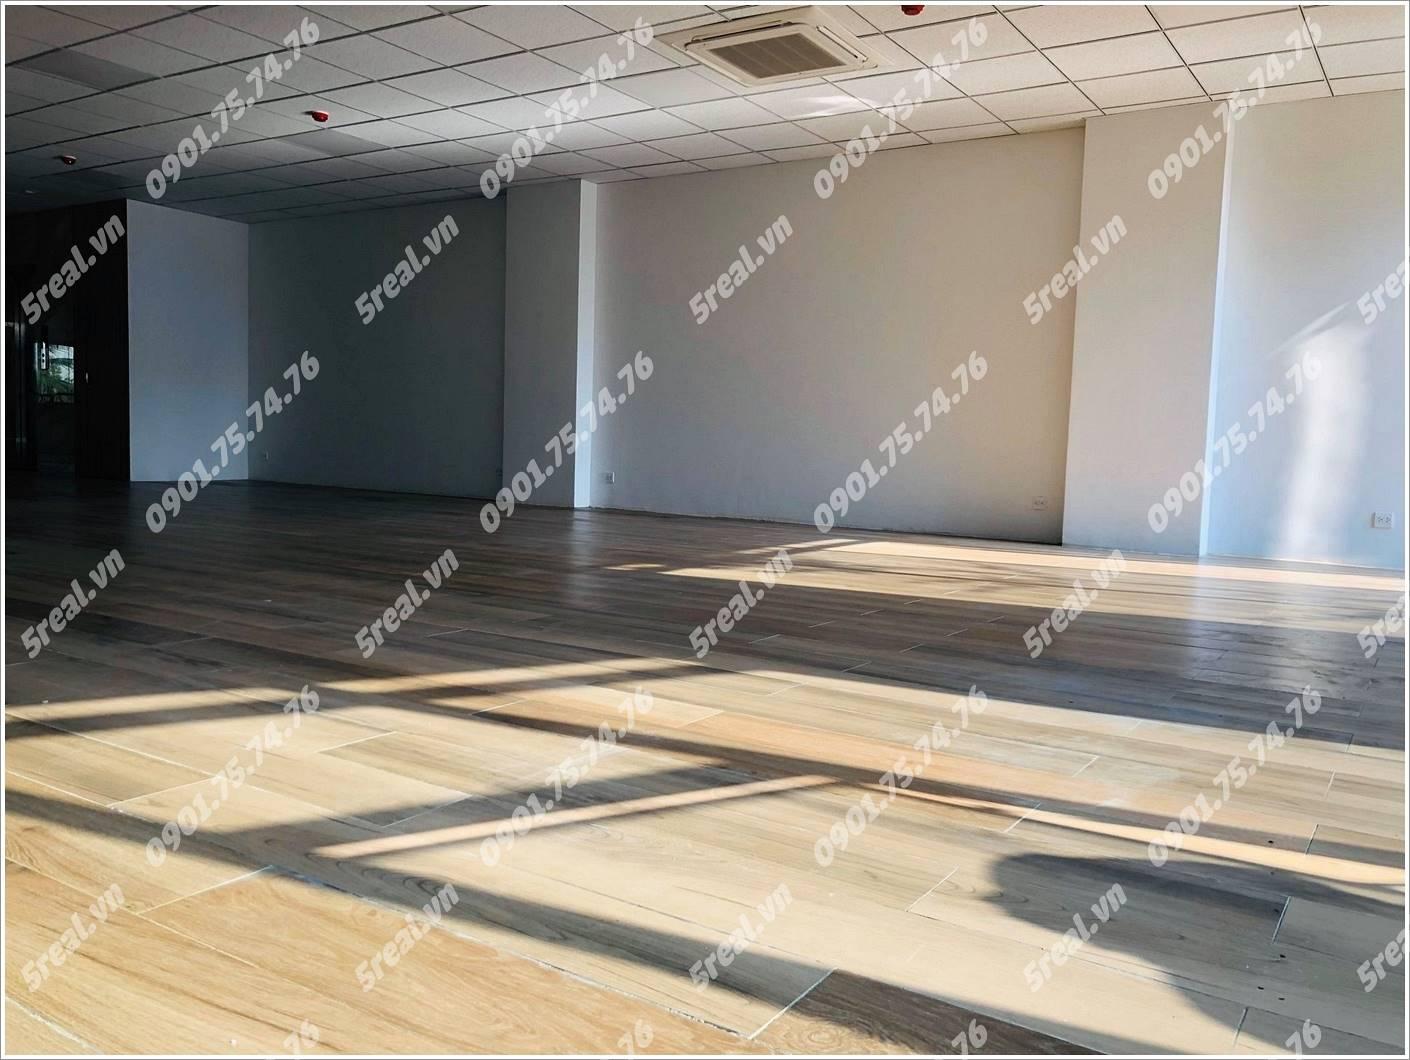 mg-building-lan-son-quan-tan-binh-van-phong-cho-thue-5real.vn-03